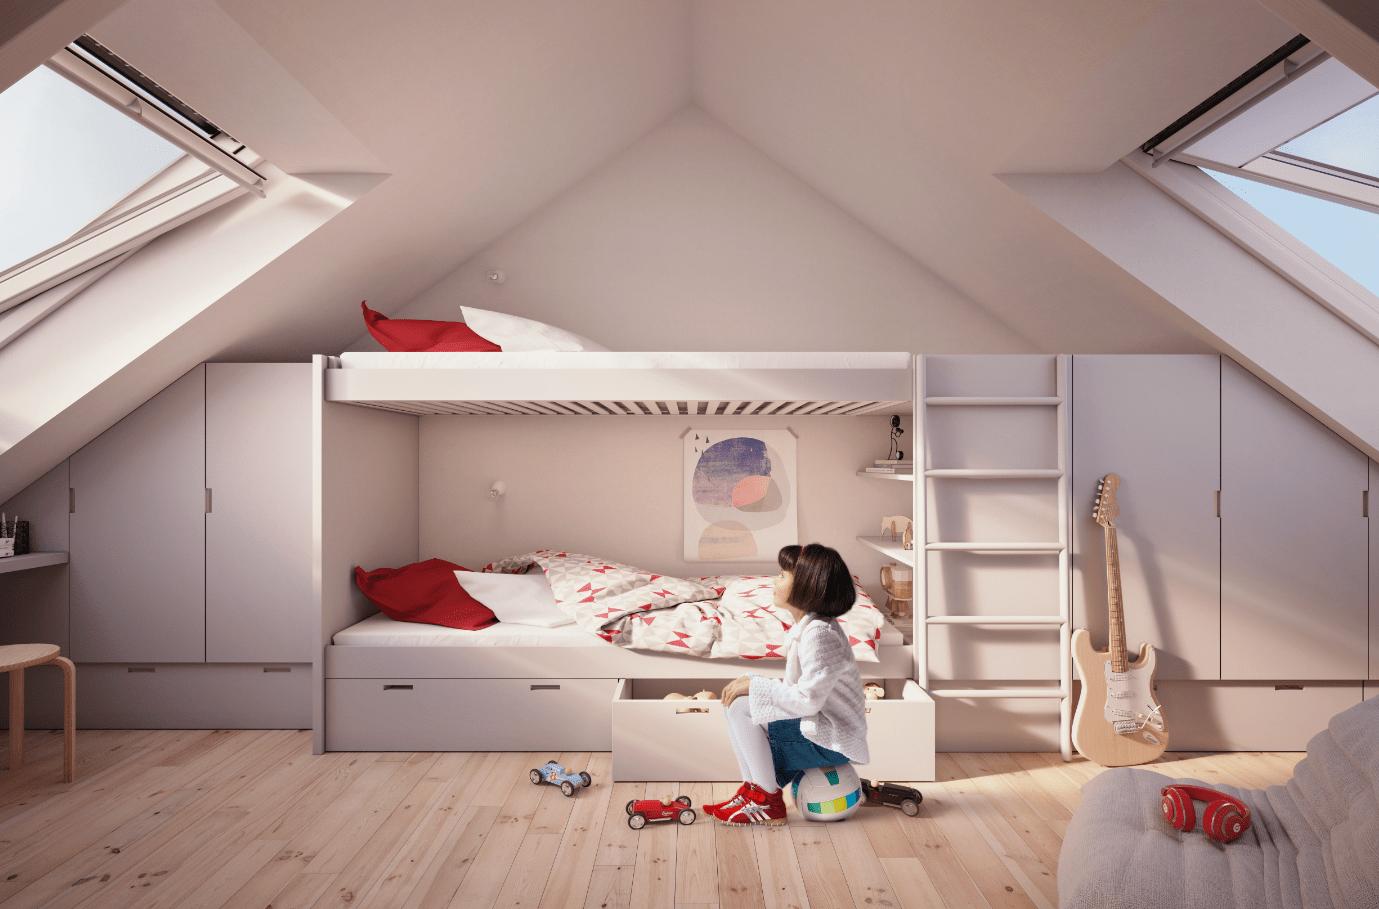 El ático convierte tu casa en un lugar único 2